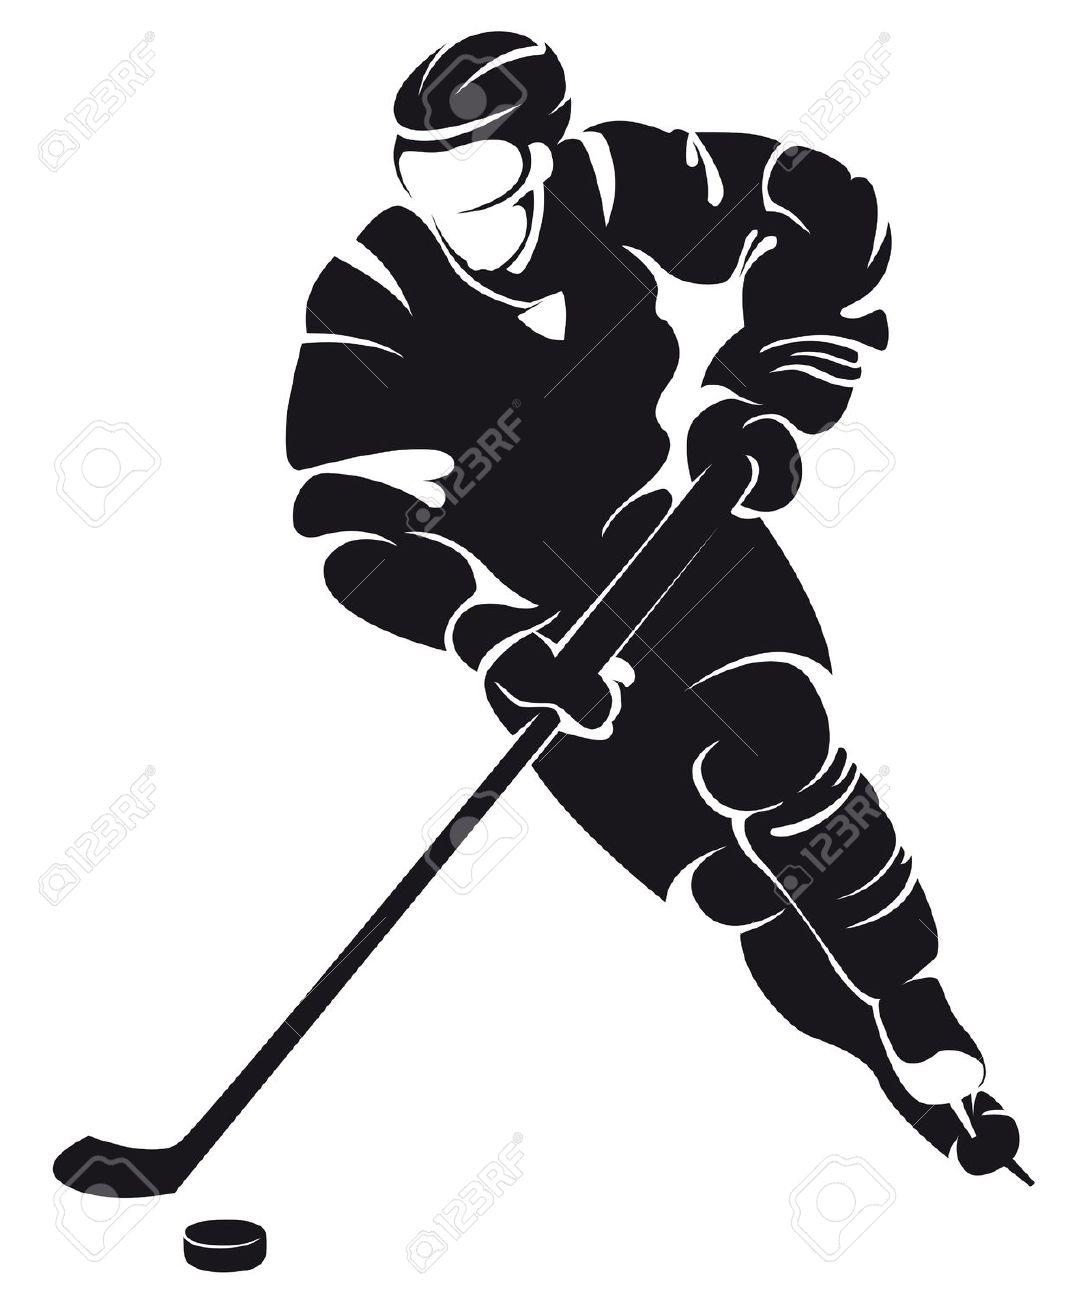 Free Hockey Clipart.